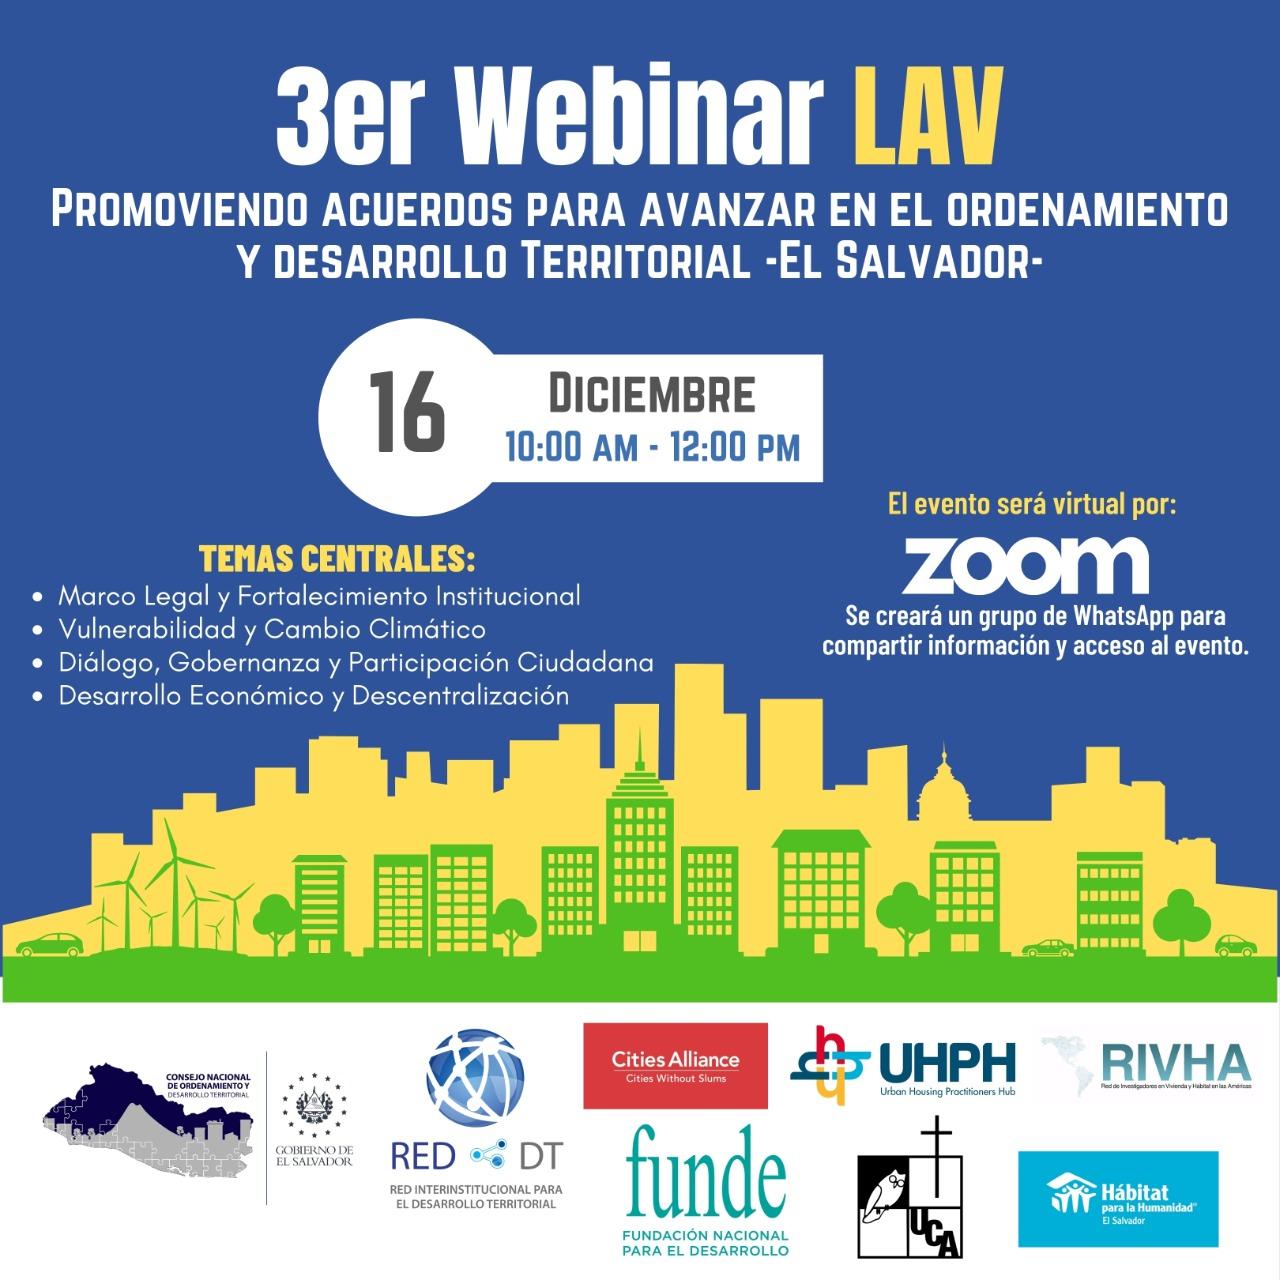 Promoviendo Acuerdos Para Avanzar en el Ordenamiento y Desarrollo Territorial -El Salvador-